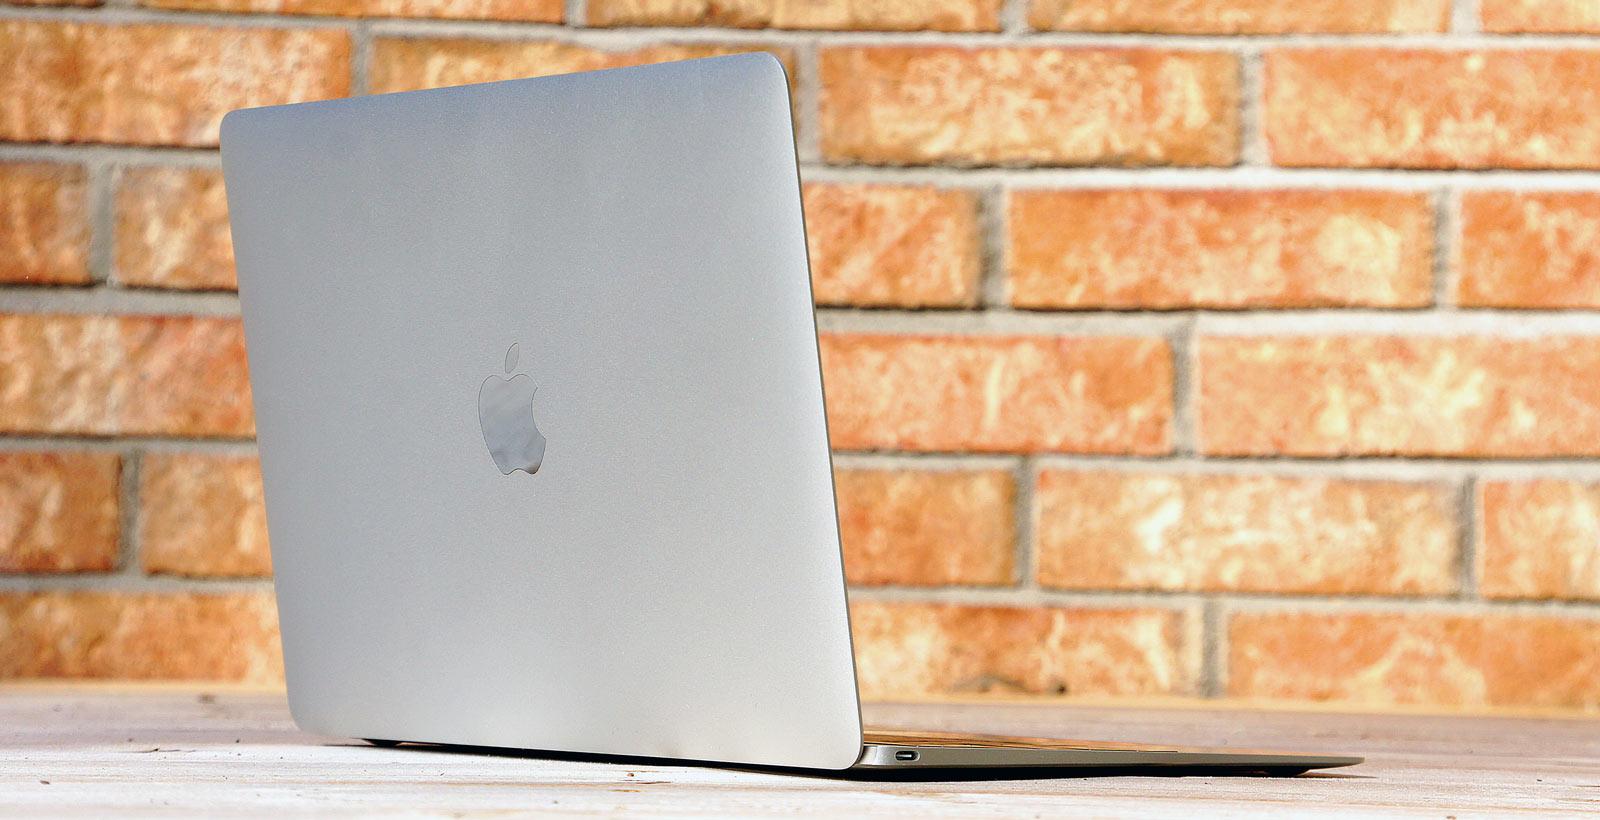 Le MacBook et son seul port USB de type C.